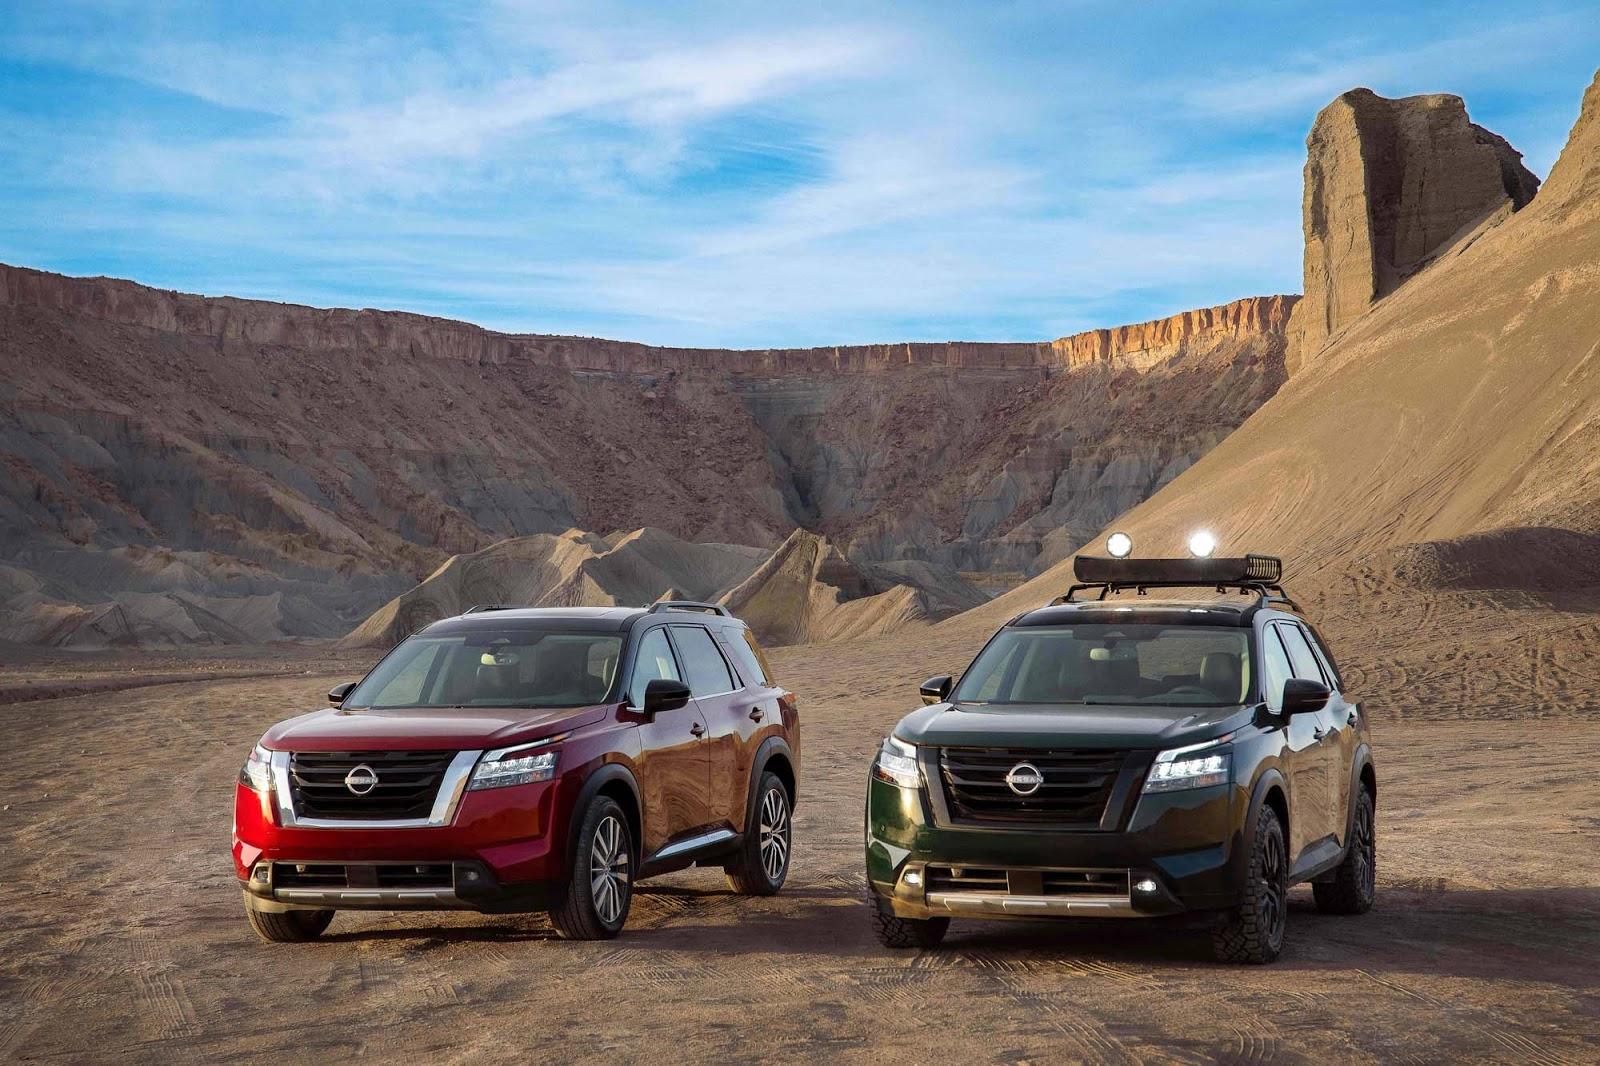 20222BNissan2BPathfinder L 24 Nissan : Αποκαλύπτει το νέο Pathfinfer του 2022 στις Η.Π.Α. Nissan, Nissan Pathfinder, ειδήσεις